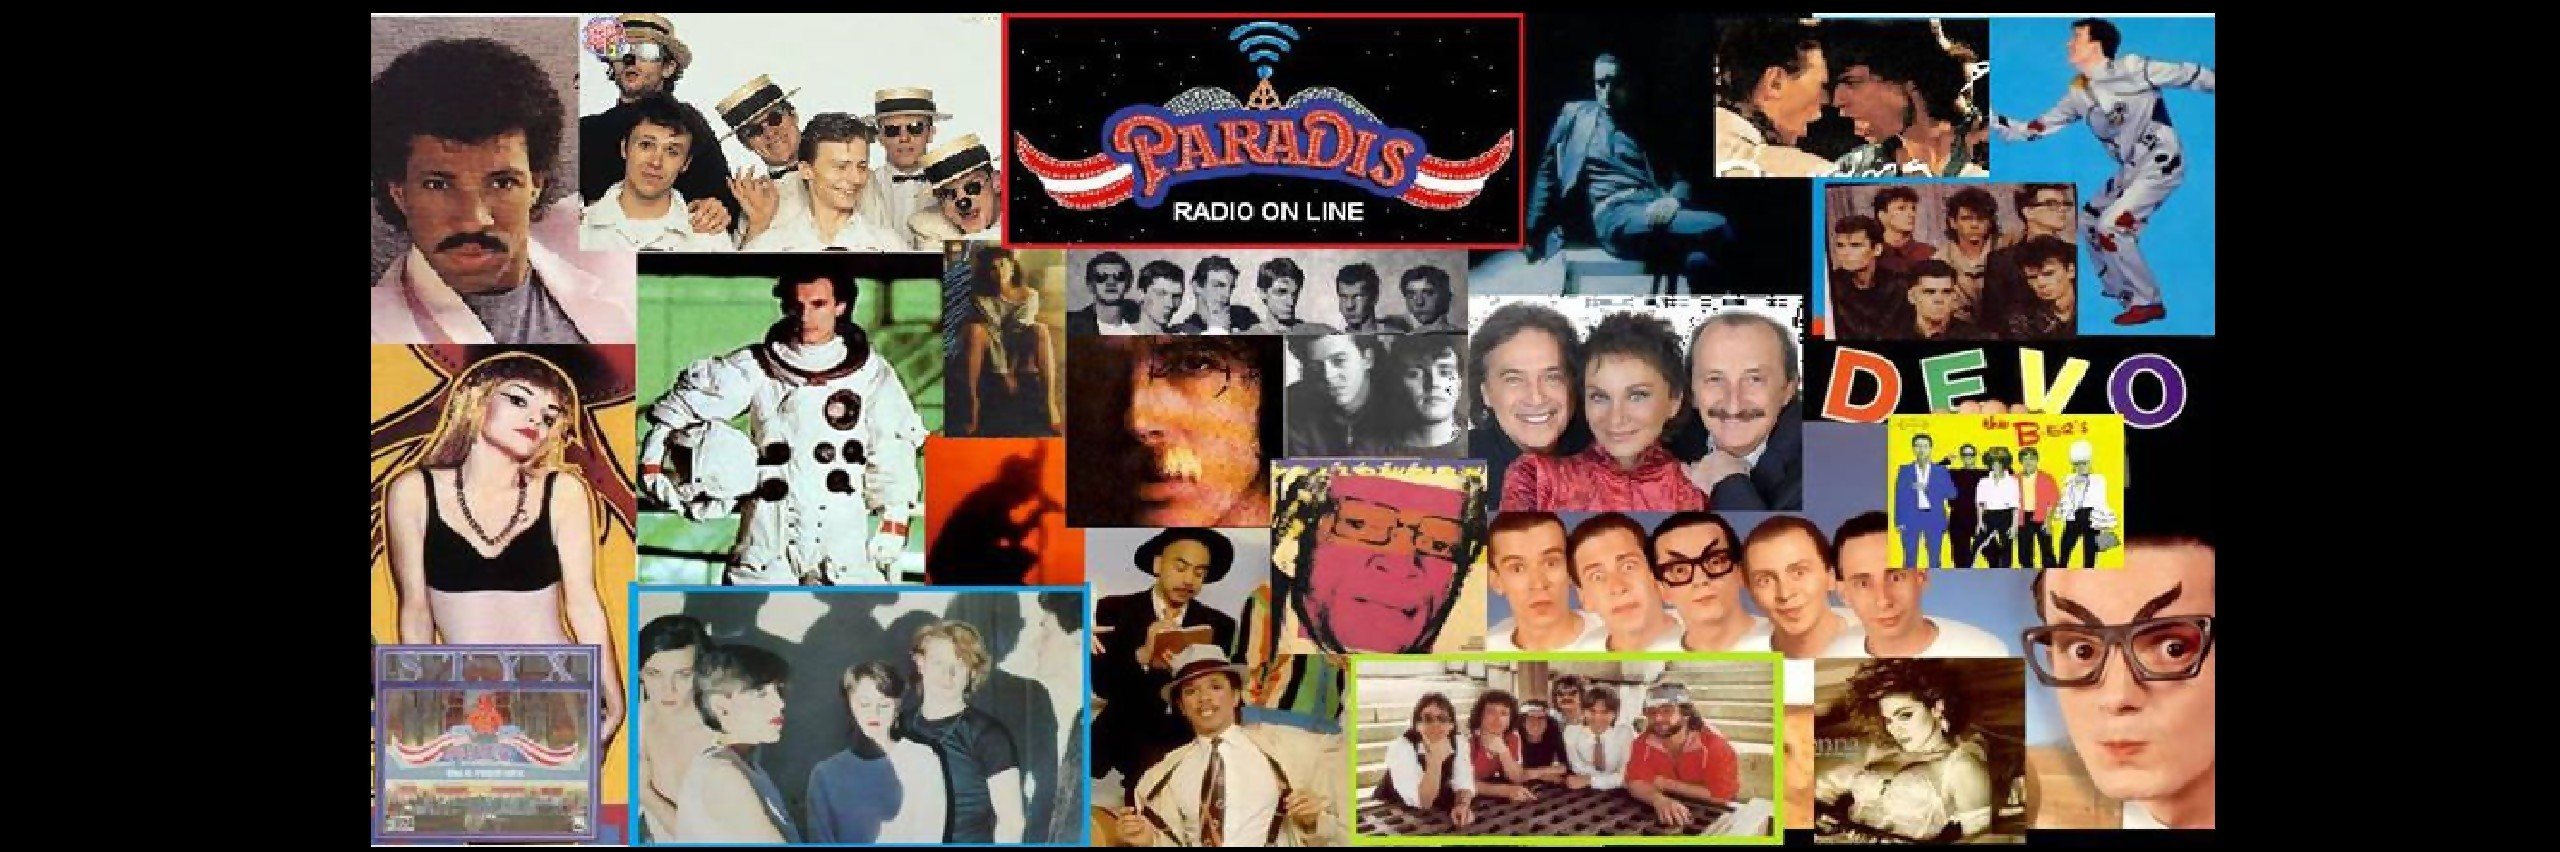 PARADIS RADIO